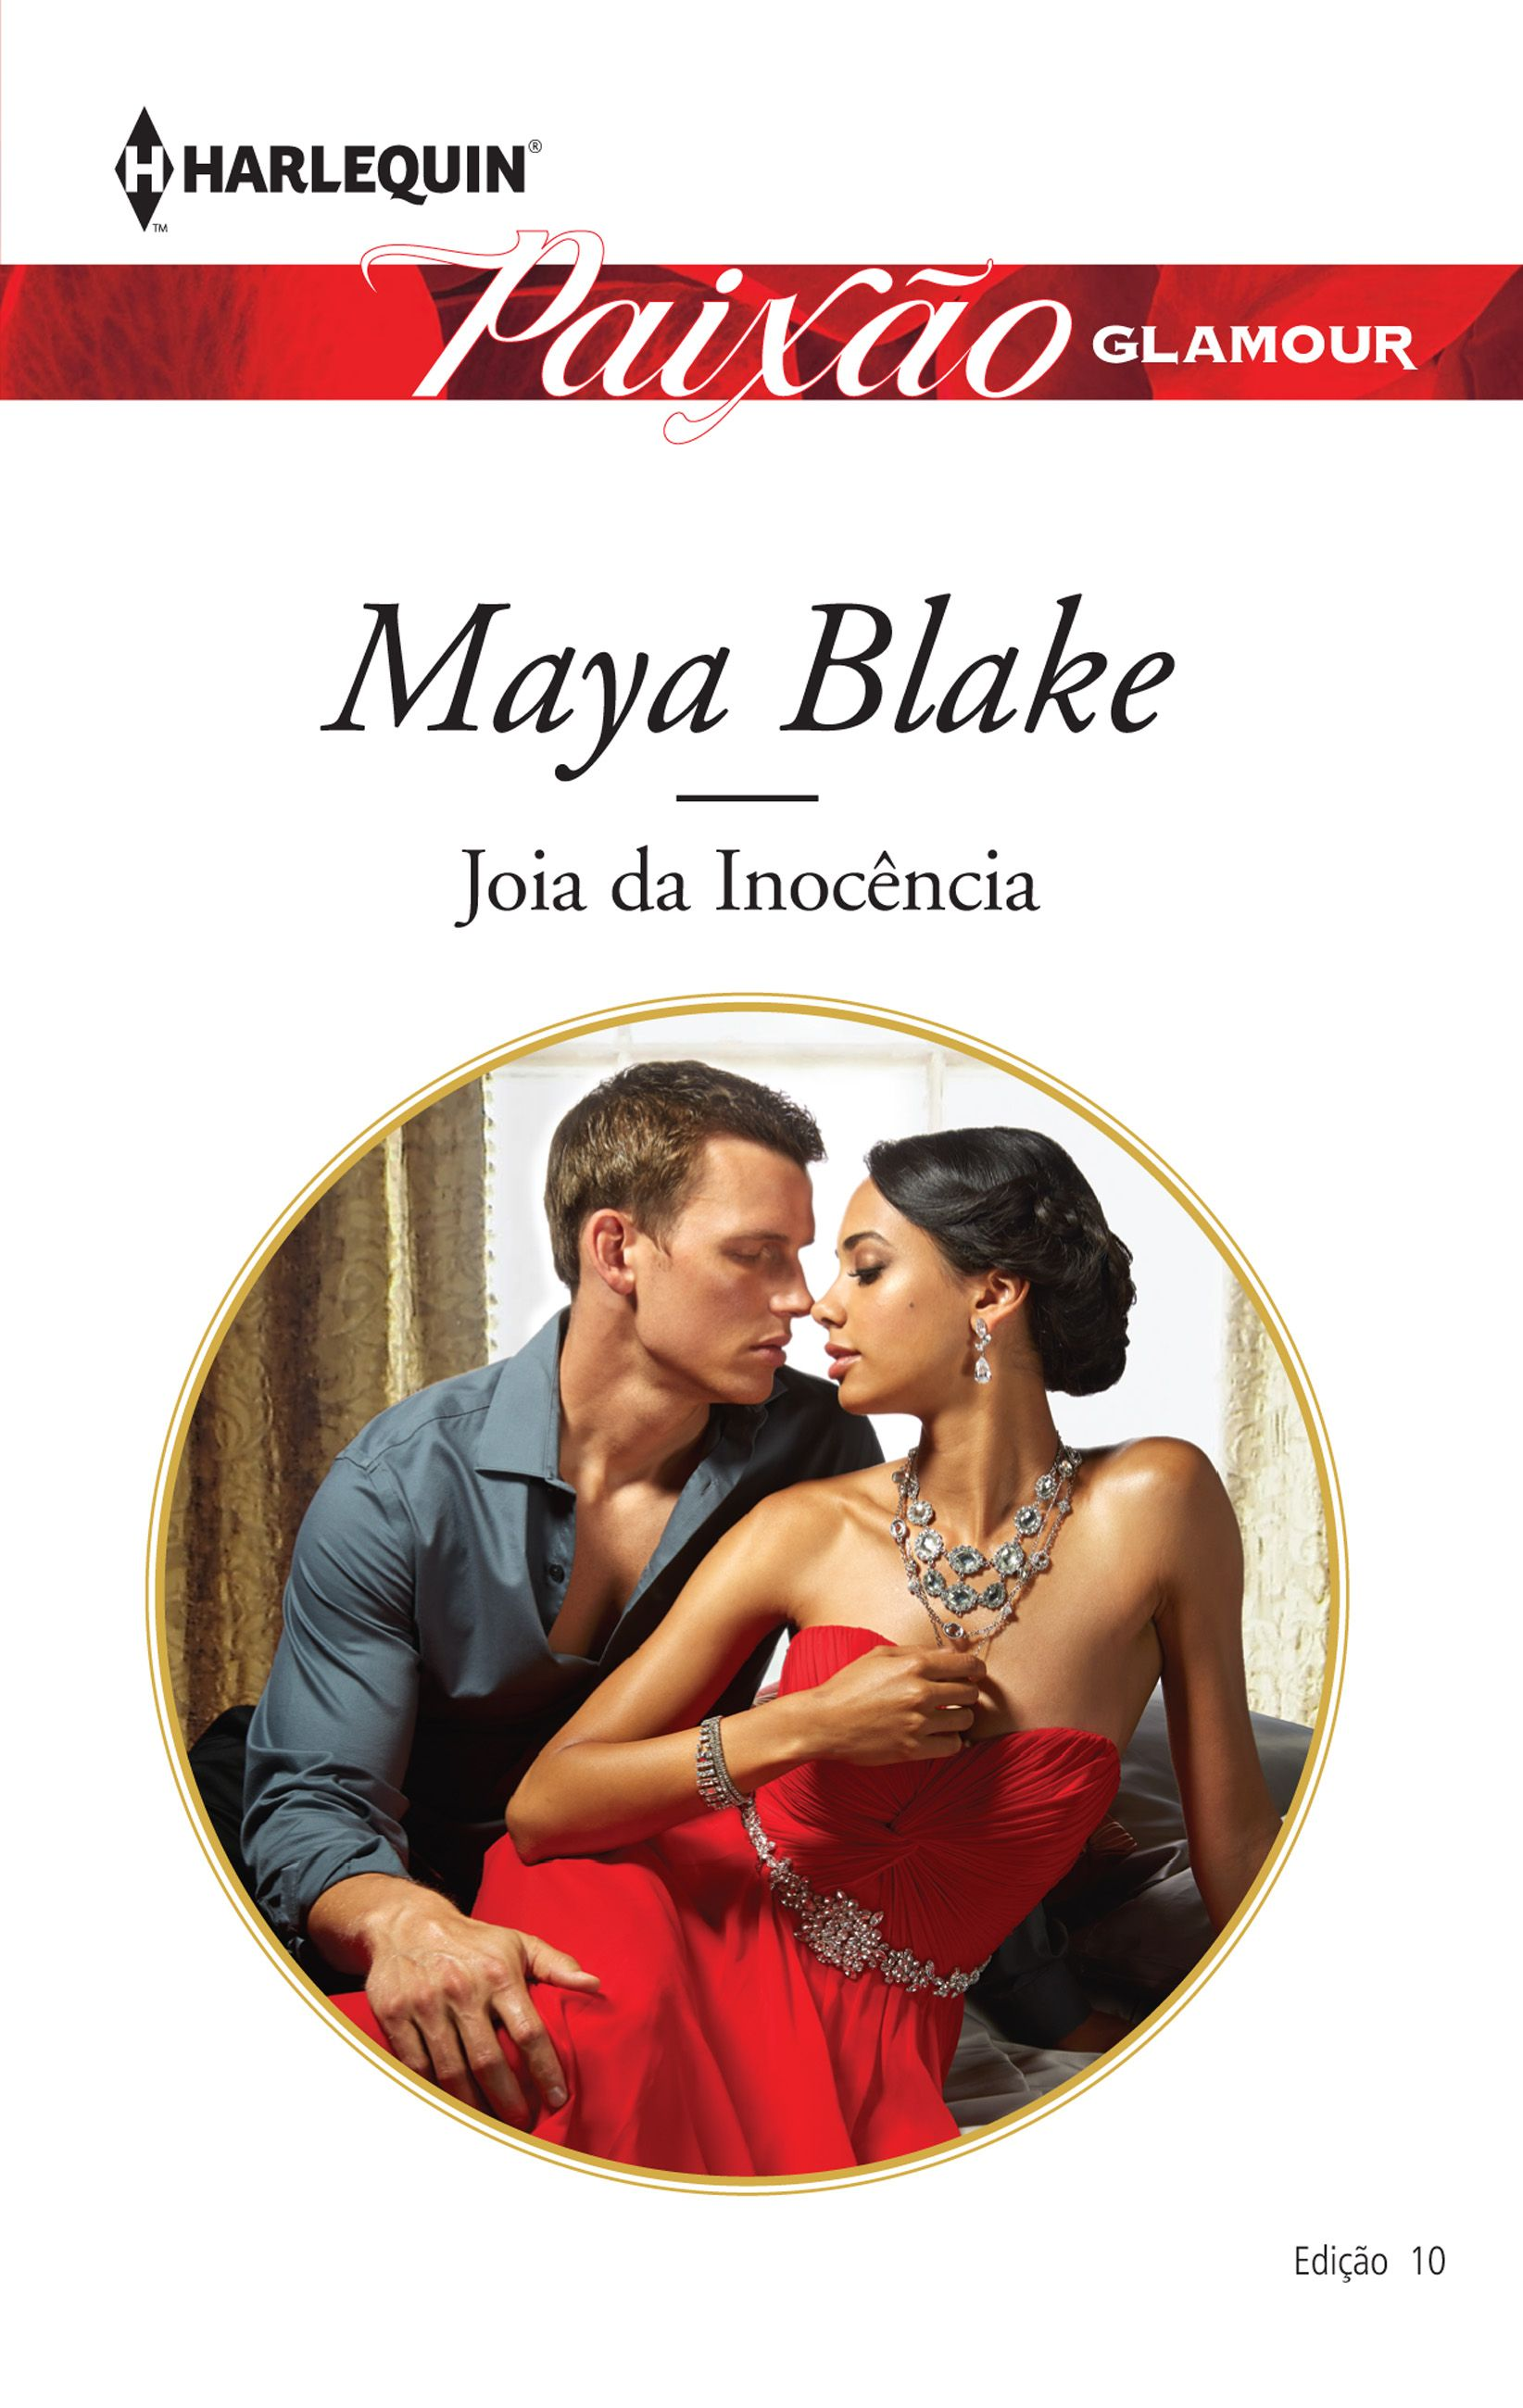 Pin De Thatiane Arce Em Harlequin Baixar Livros Online Livros De Romance Baixar Livros De Romance